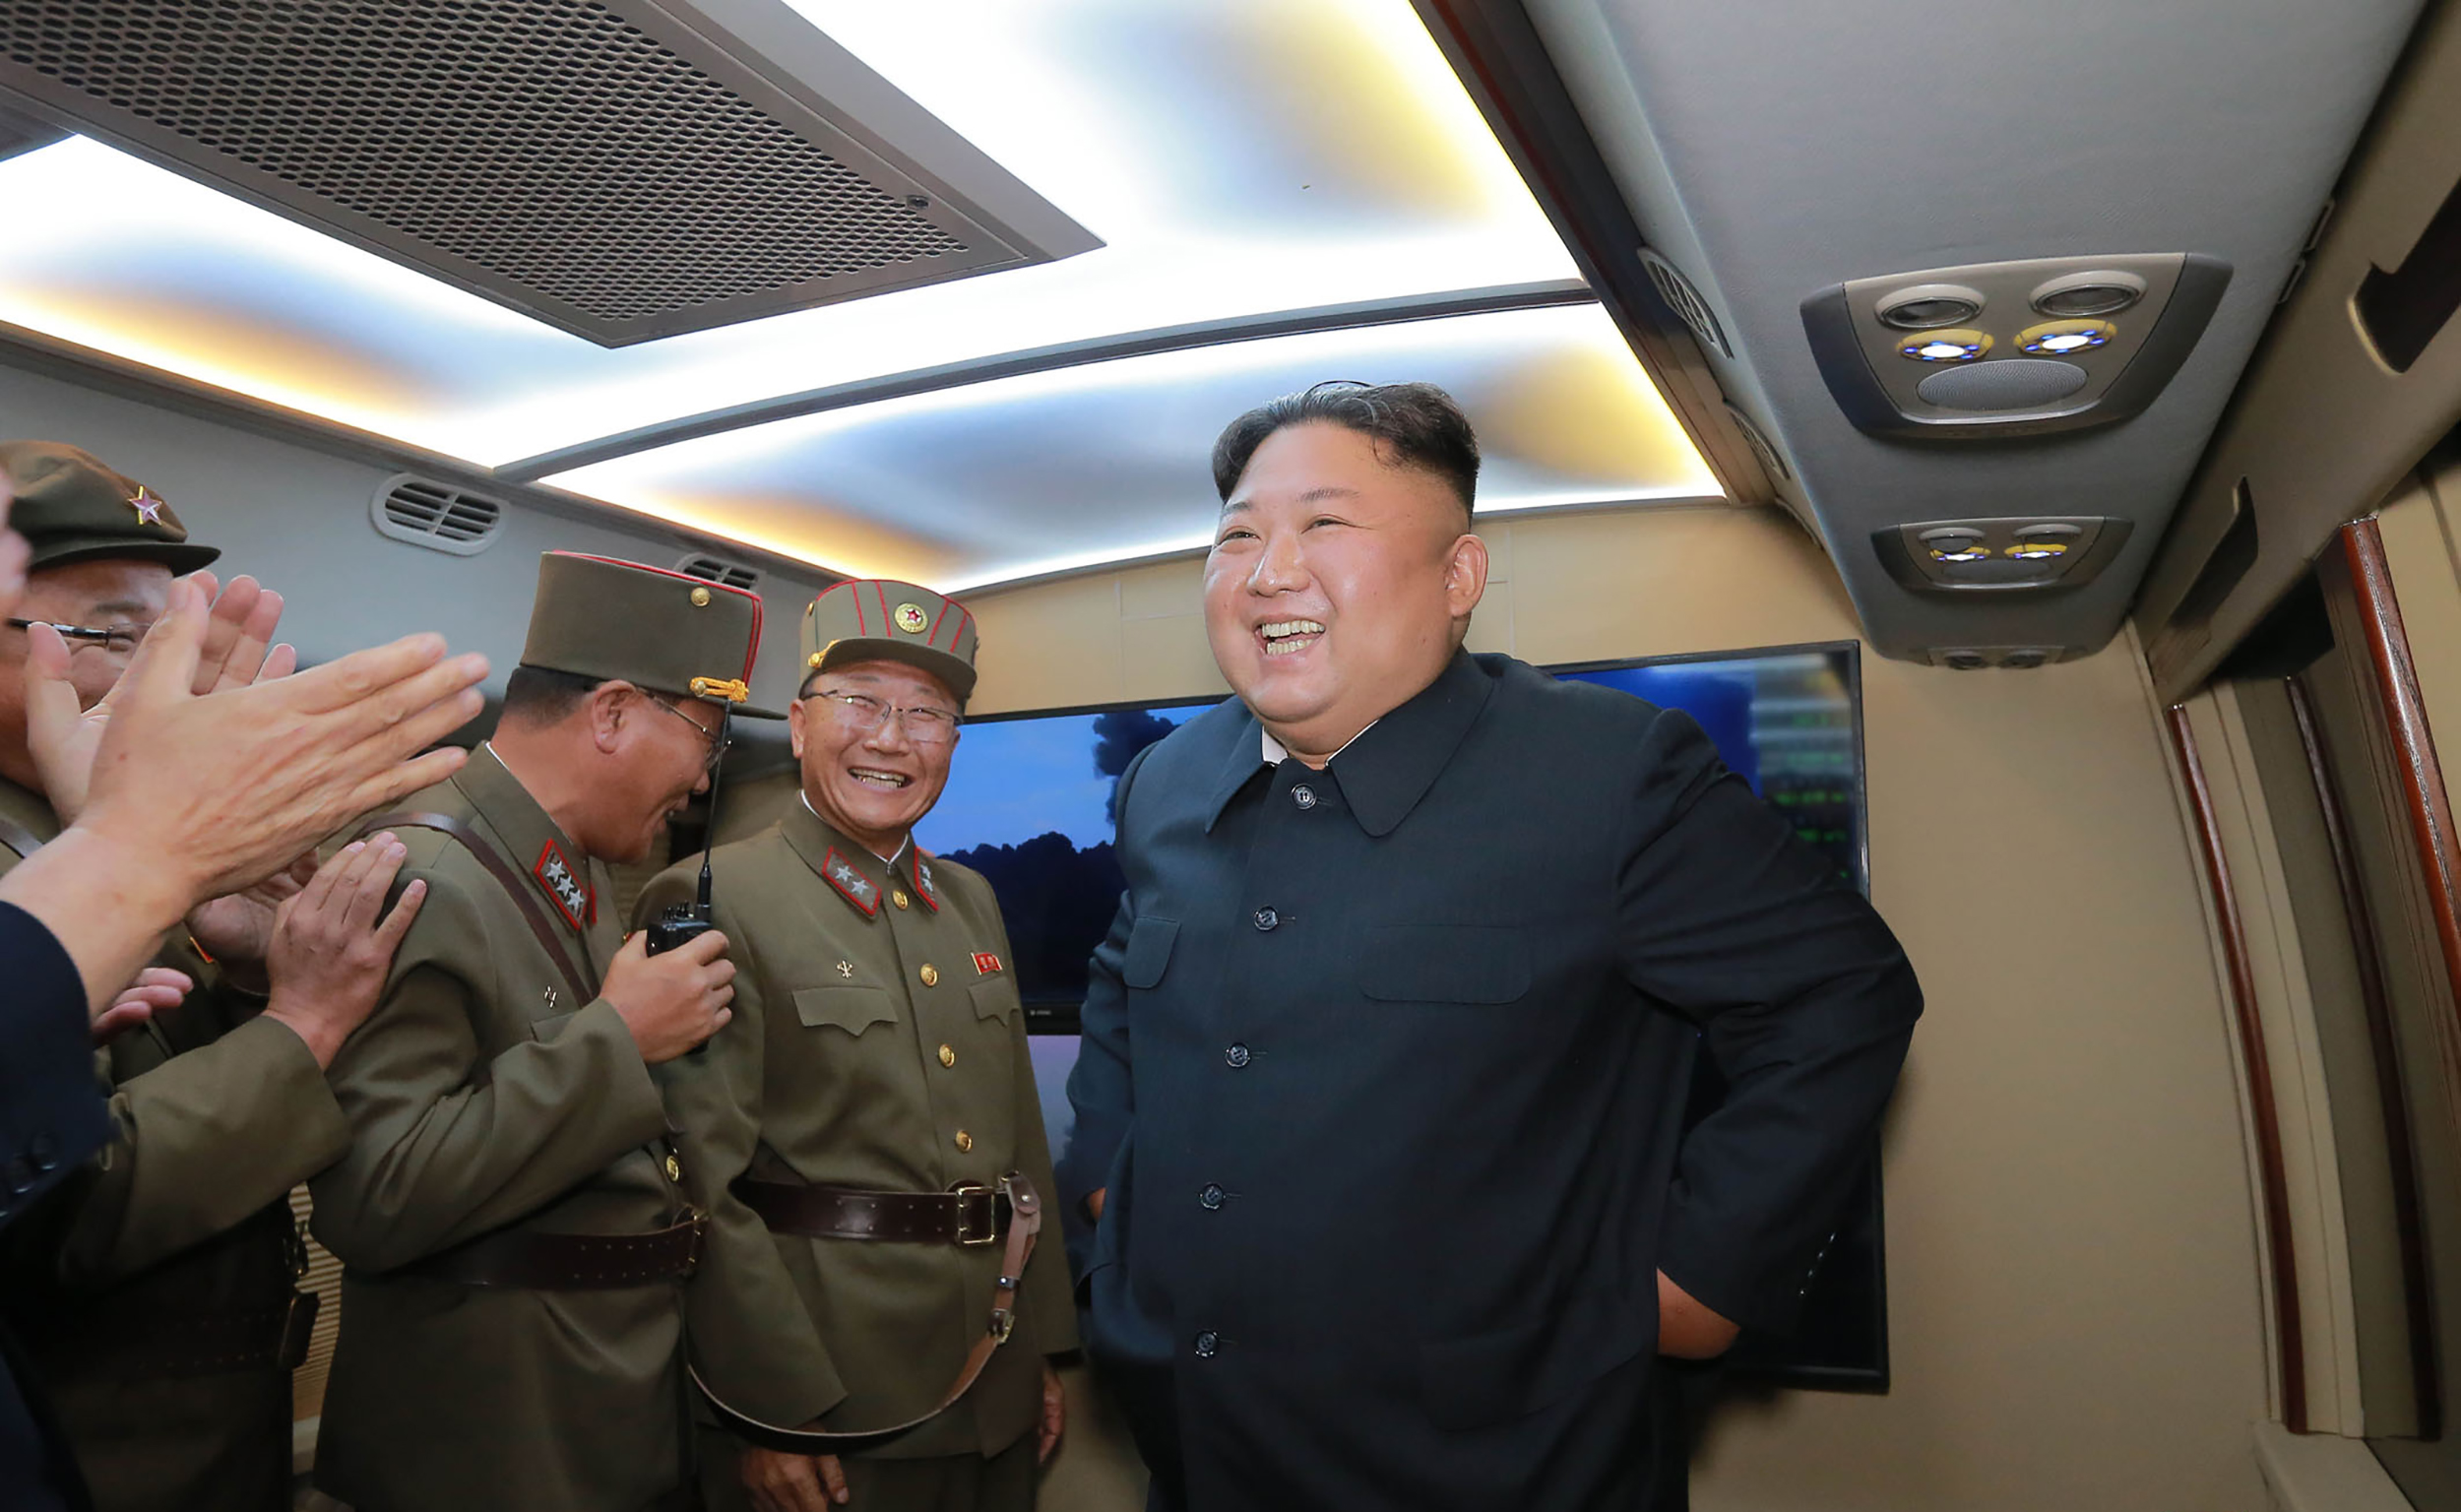 A műholdképek alapján úgy tűnik, hogy Észak-Korea atomrakéták indítására képes tengeralattjárón dolgozik